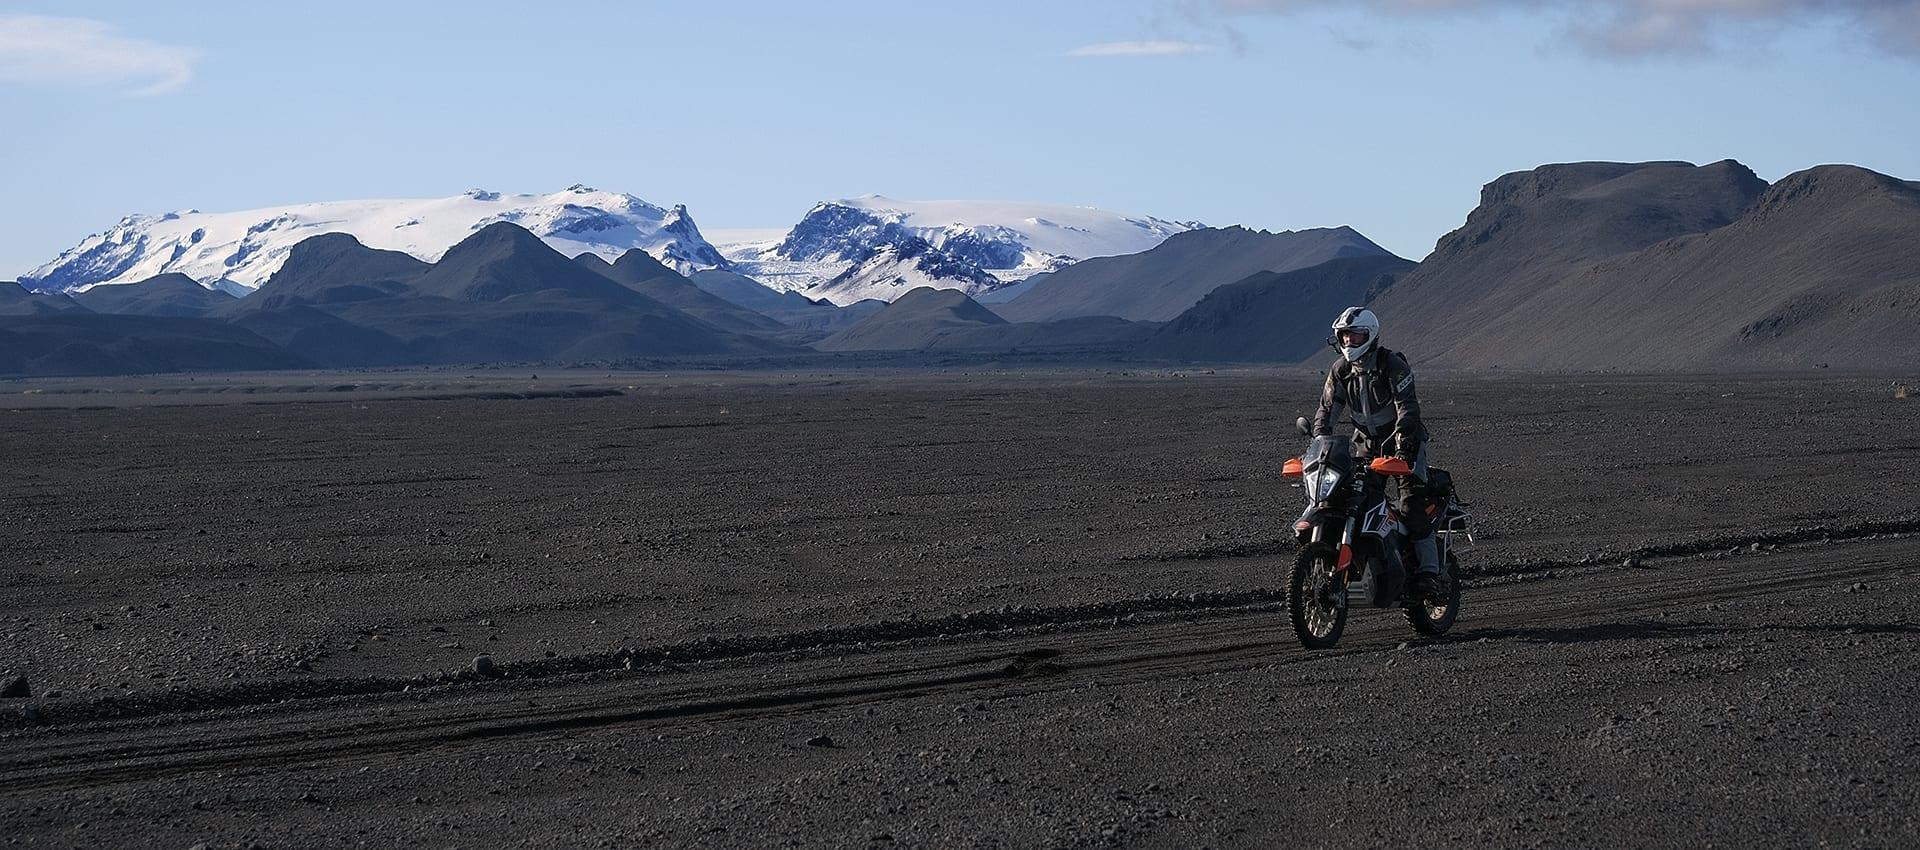 Download de gratis brochure van de onze unieke motorreis dwars door het binnenland IJsland